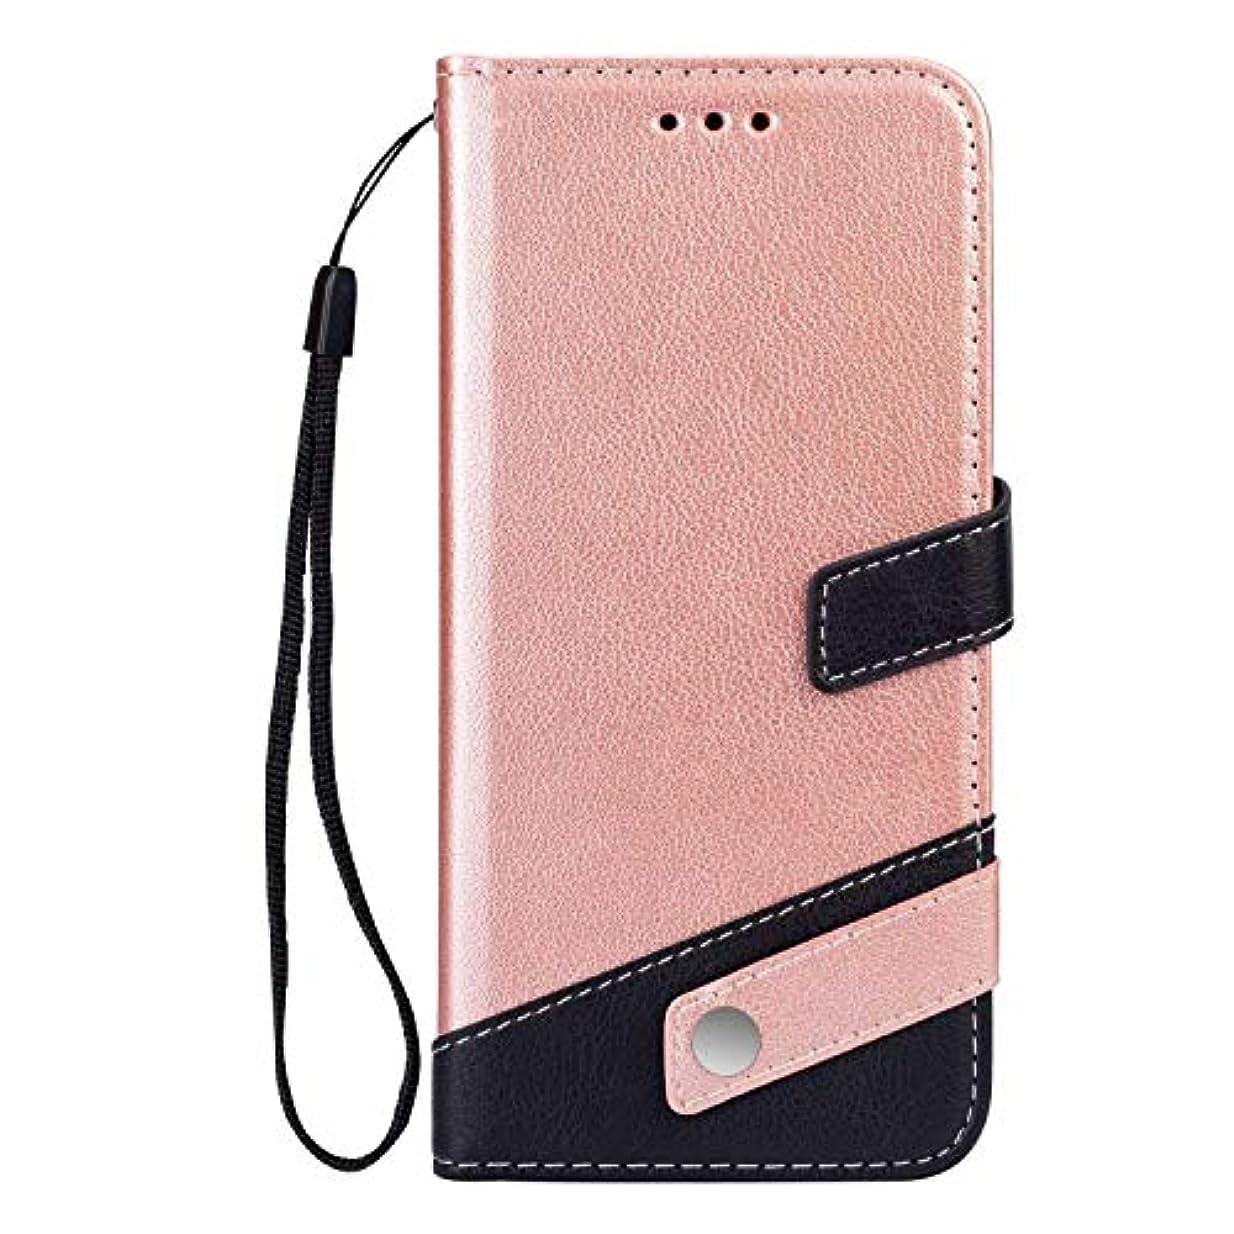 キャンディーもちろん援助Galaxy S10 ケース OMATENTI 手帳型ケース PUレザー 磁石タイプ ストラップホール付き 全面保護 液晶保護 耐衝撃 財布型 耐久性 薄型 スマホケース, ピンク